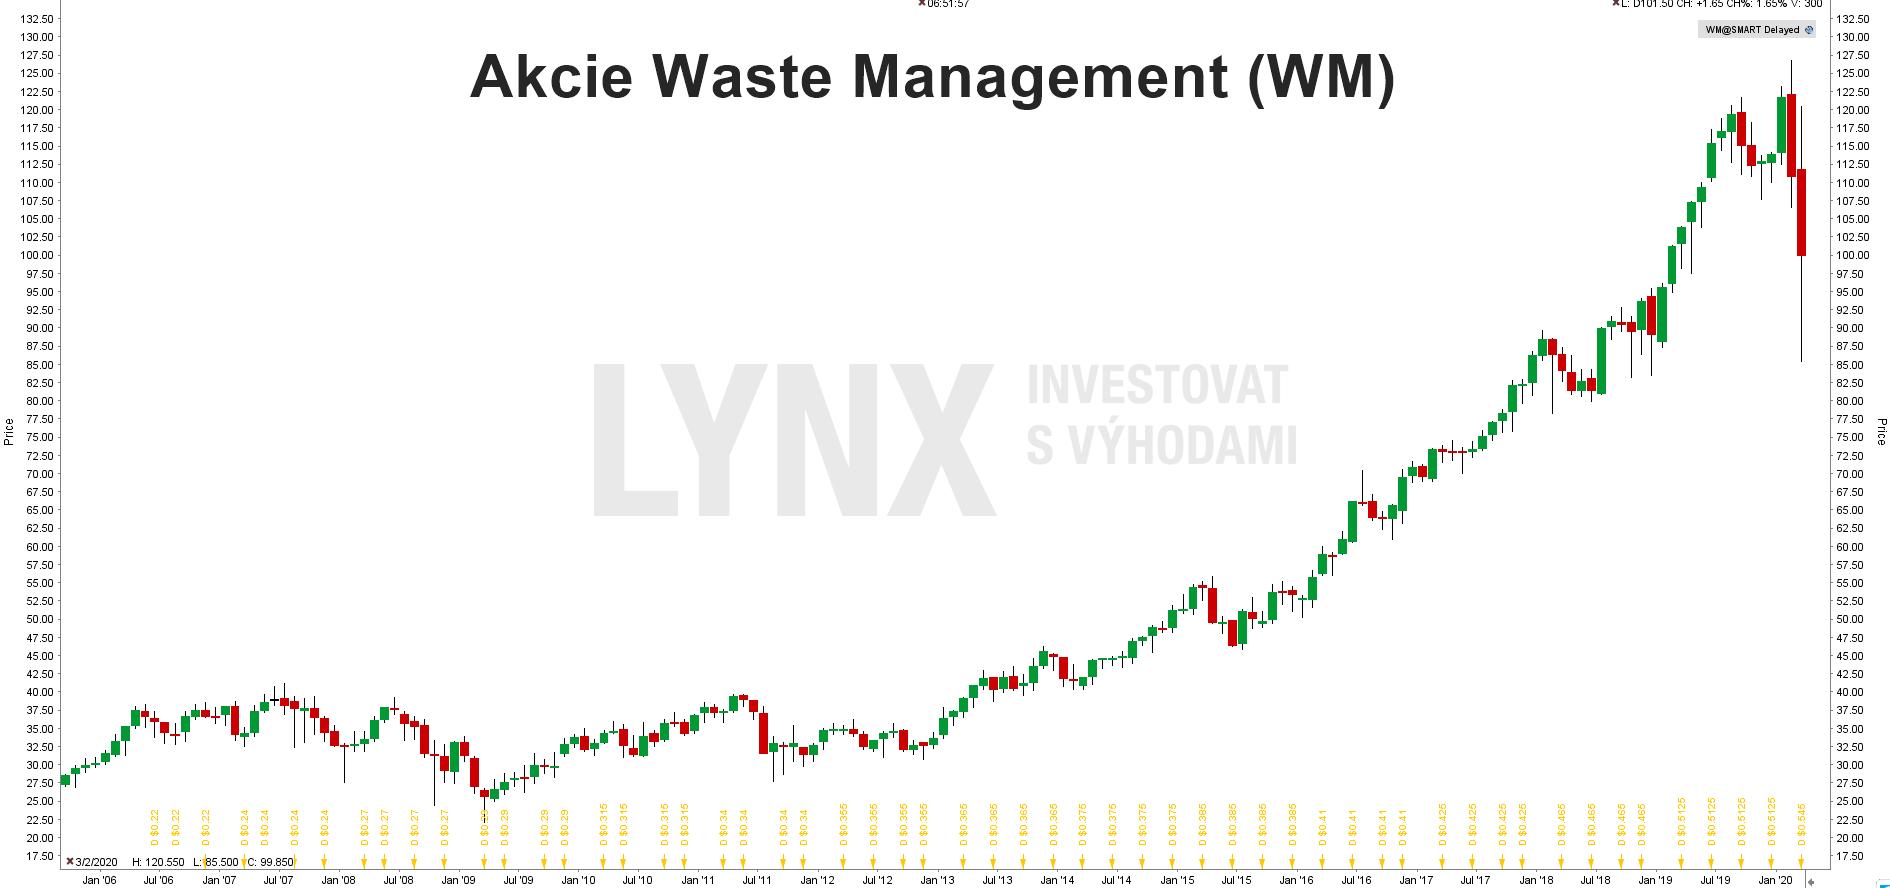 Graf akcie Waste Management